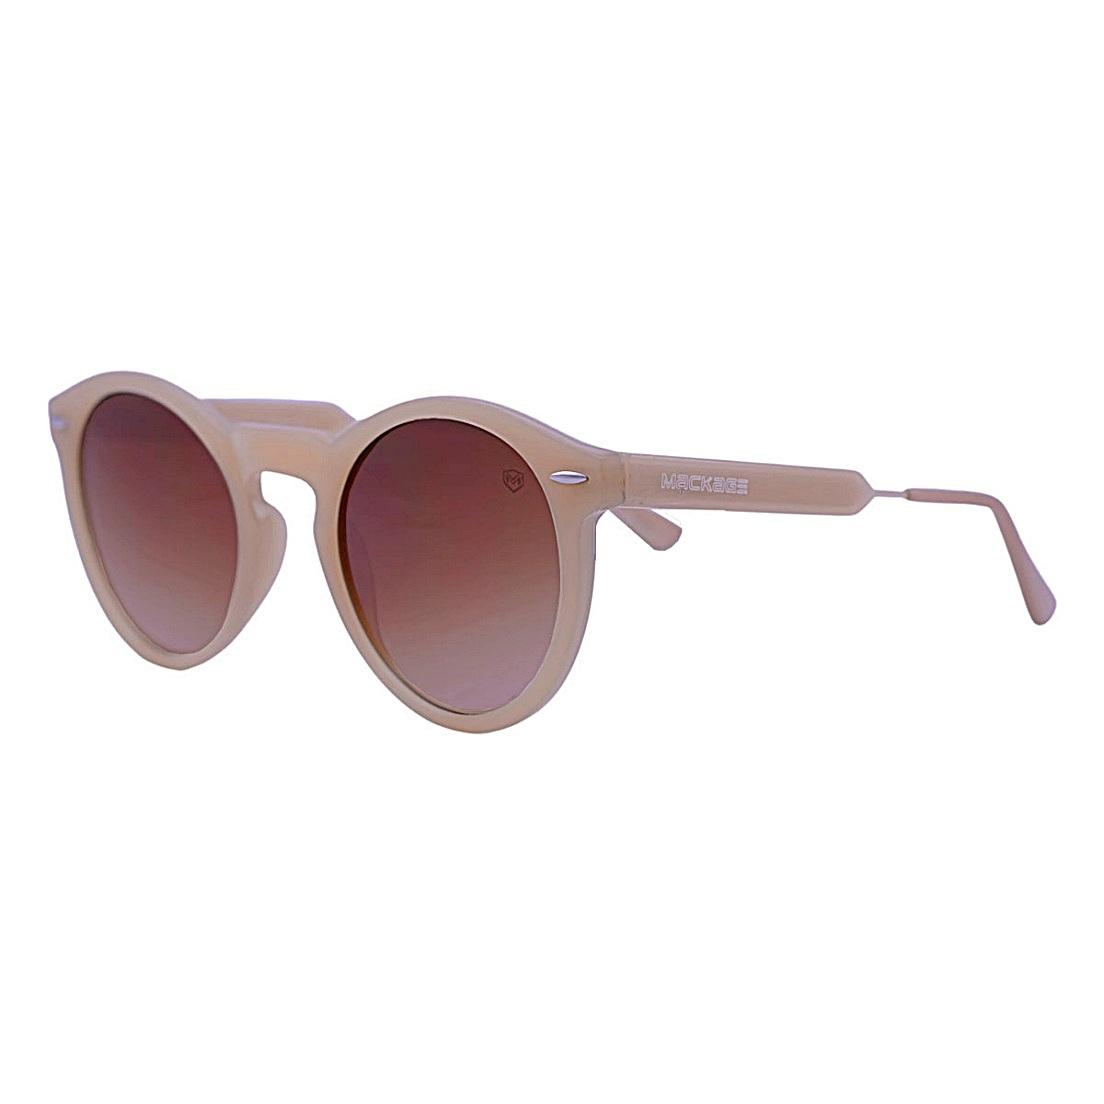 Óculos de Sol Mackage Unissex Acetato Retrô Round - Nude